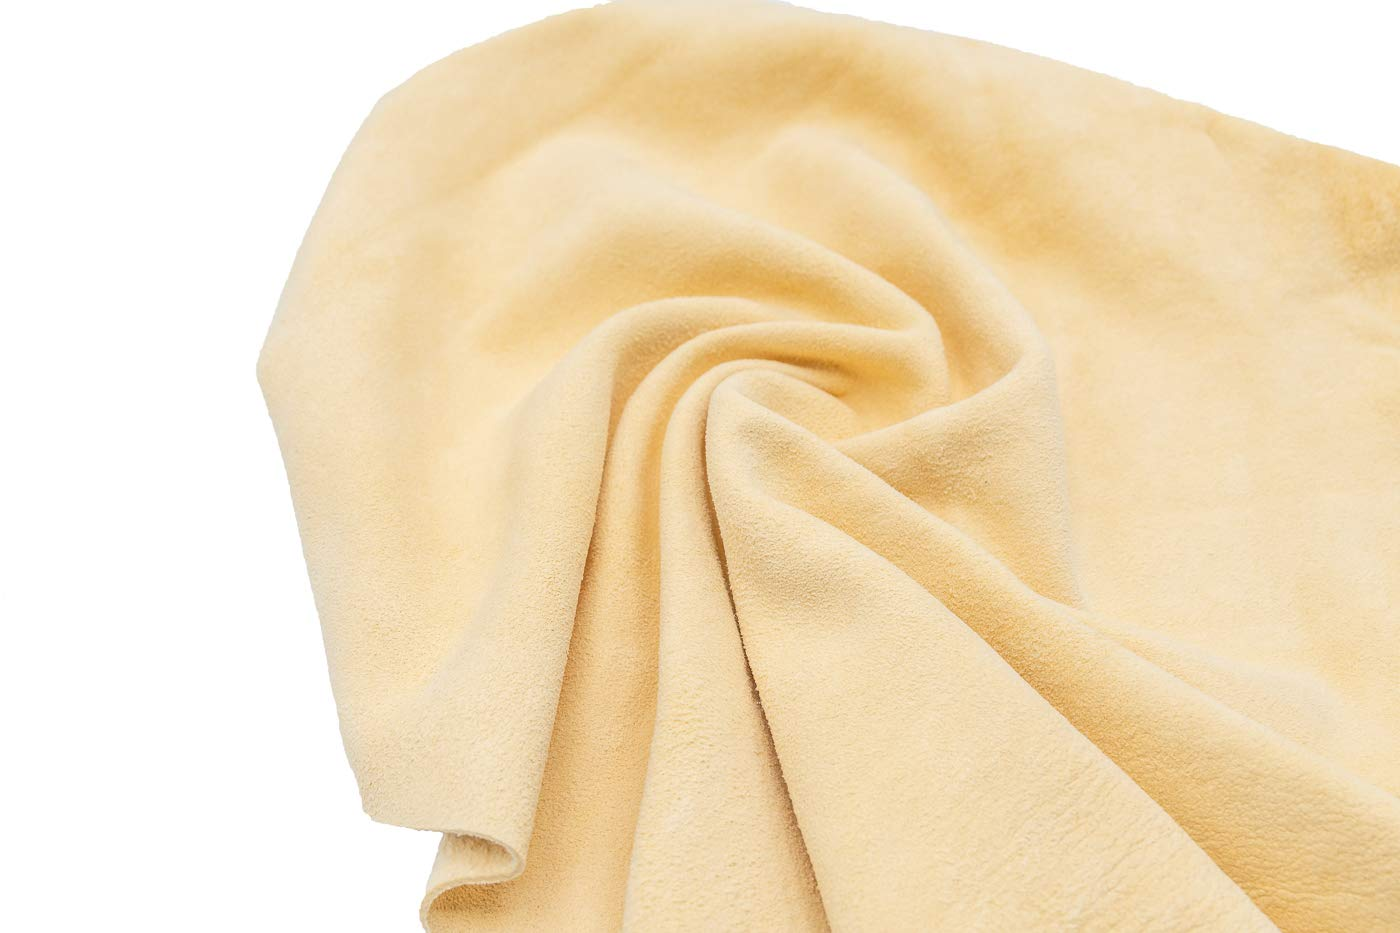 f/ür die K/üche f/ür Fenster /& Vieles mehr Fensterleder aus echtem Leder das Bad hochwertiges Autoleder-Tuch geeignet f/ür das Auto